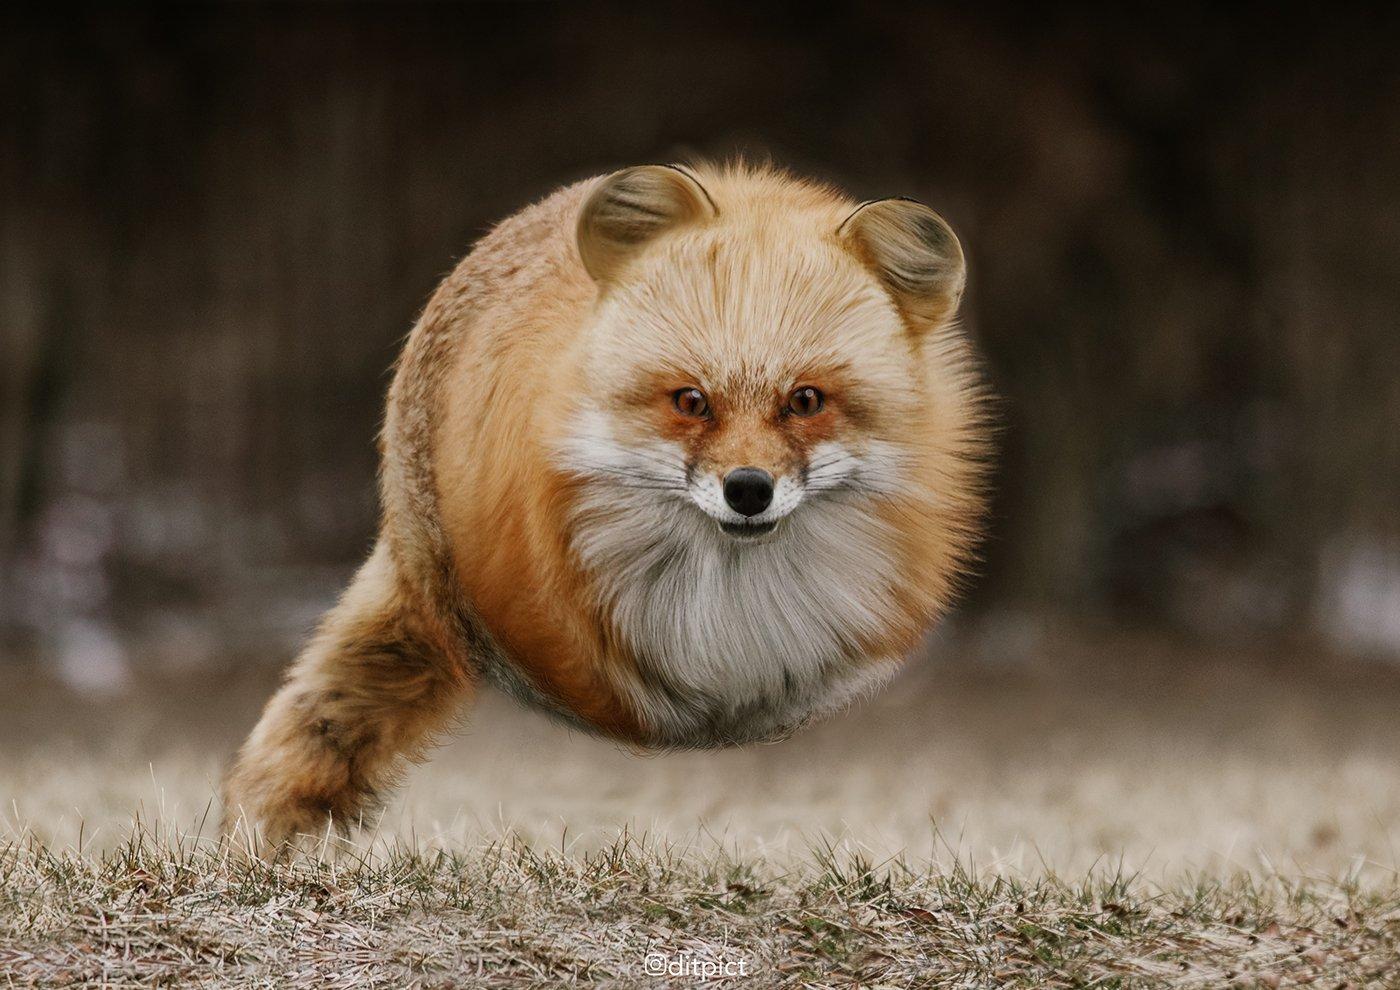 aditya aryanto aniball animaux boule 2.jpg?resize=1200,630 - [Photos] Il transforme des animaux en véritable ballons!